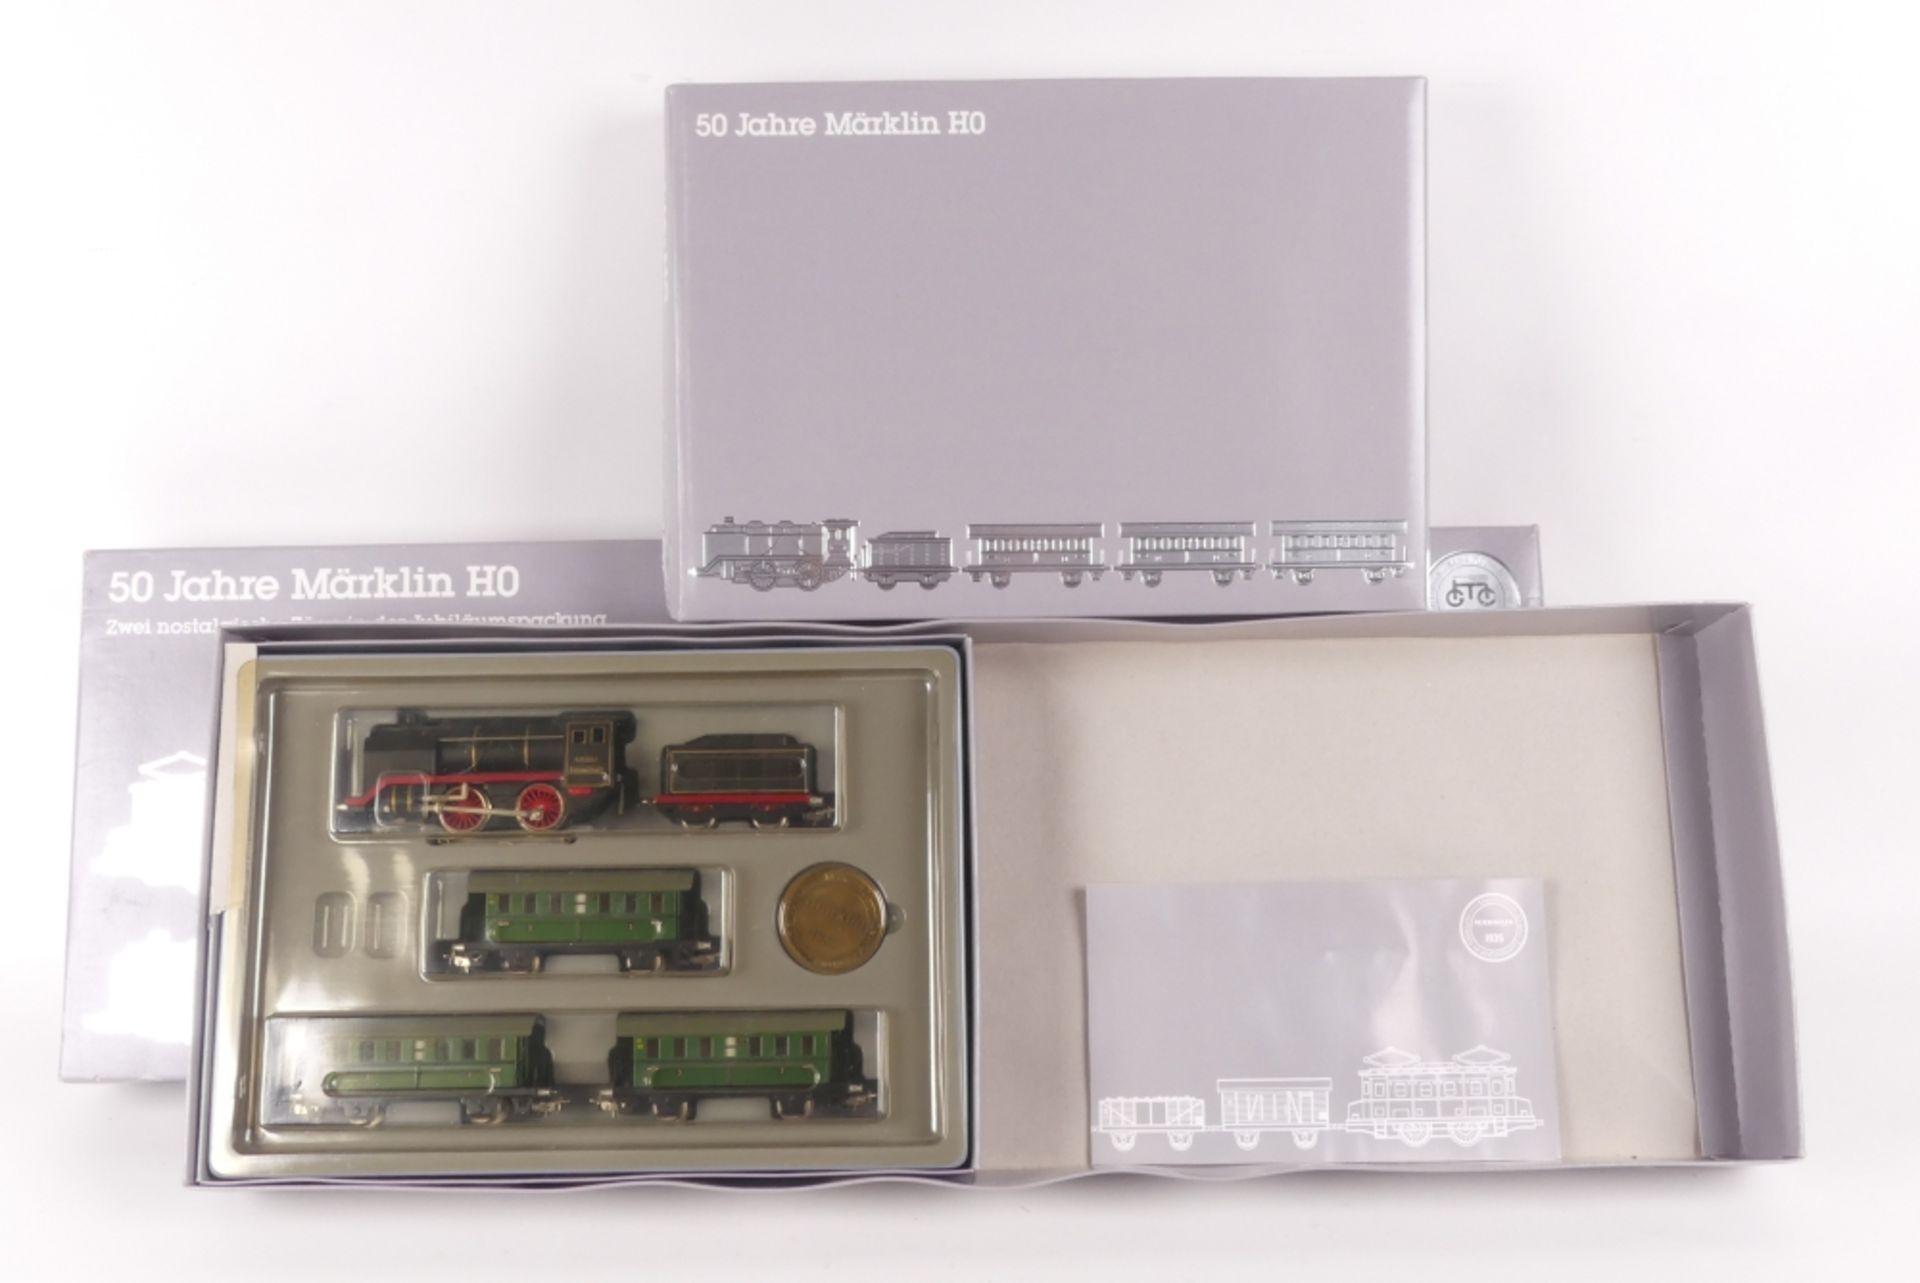 Märklin 0050Märklin 0050, Jubiläums-Doppelzug-Packung, eine Packung fehlt, Dampflok